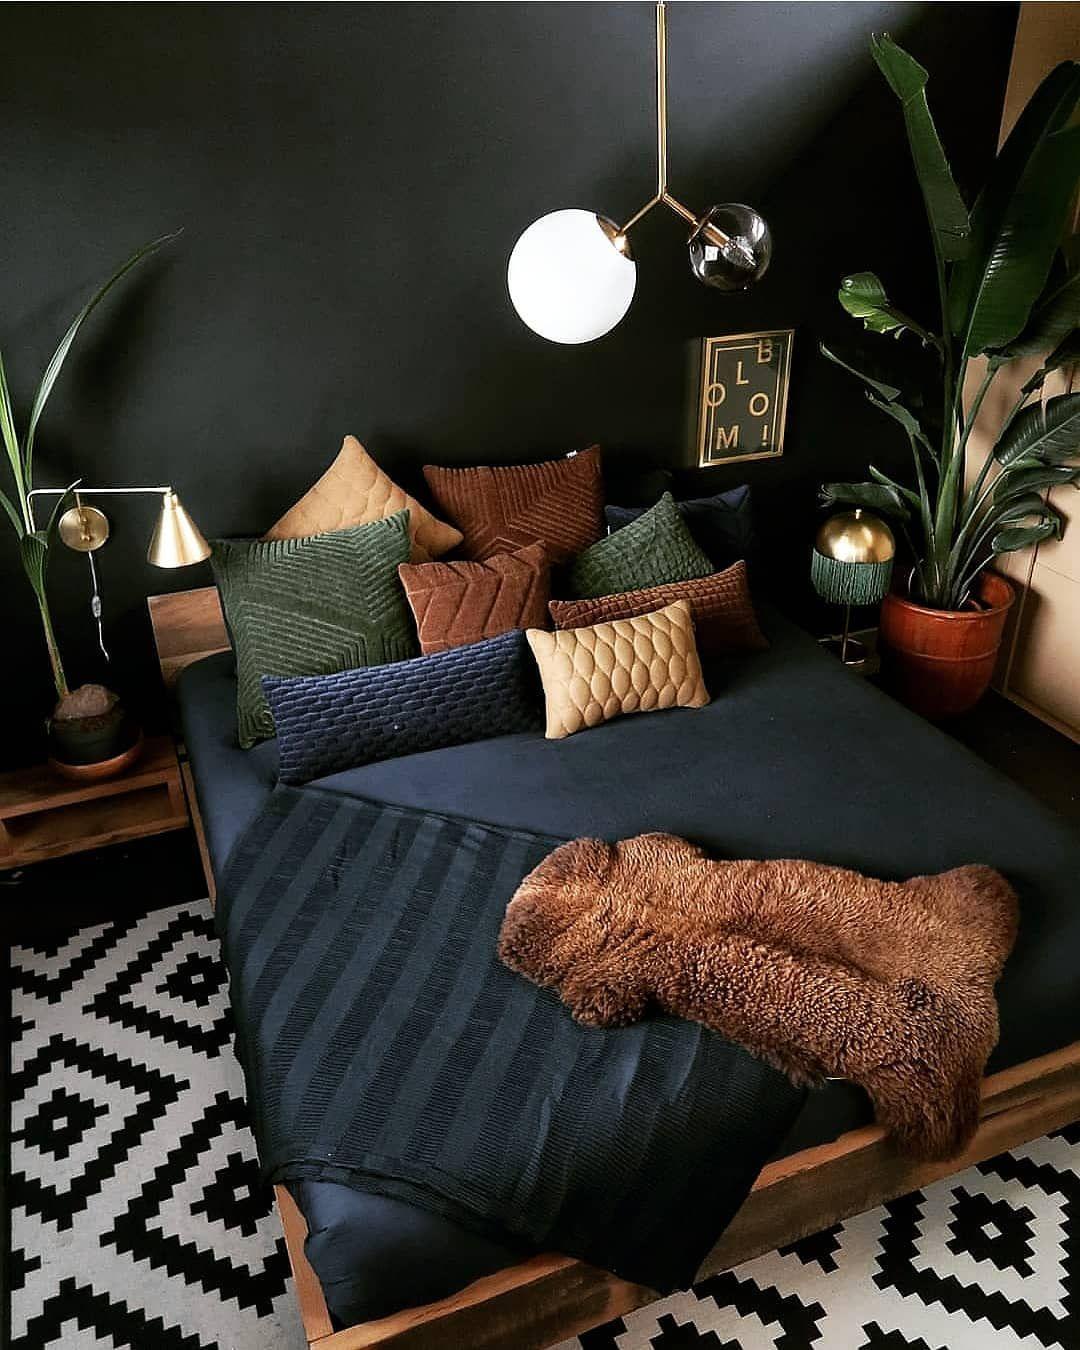 """Design Loft ▫️ Design Bedroom @ finntage ▫️ ОЦЕНИТЕ ЭТОТ ДИЗАЙН ОТ 1 ДО 10 🤔 ▫️ Ждём от Вас комментариев и…"""" is part of Bohemian bedroom decor -  Design Loft ▫️ Design Bedroom @ finntage ▫️ ОЦЕНИТЕ ЭТОТ ДИЗАЙН ОТ 1 ДО…"""""""